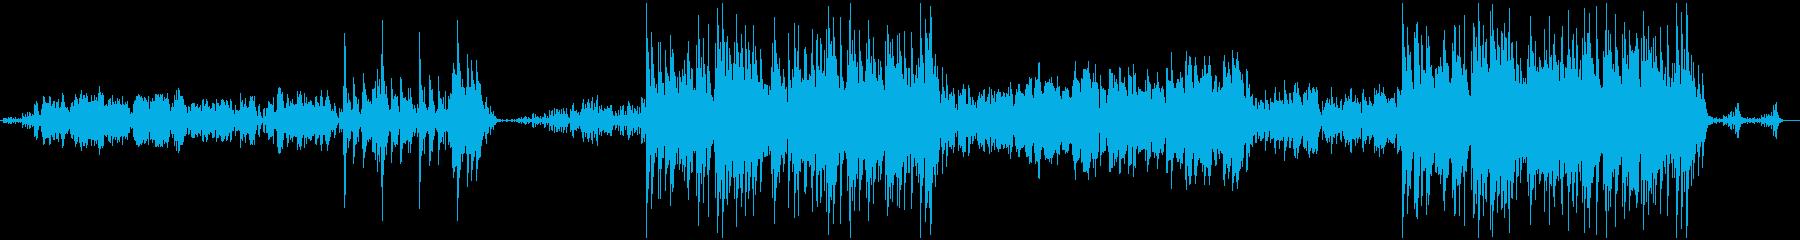 木管と弦による和風アンサンブルの再生済みの波形